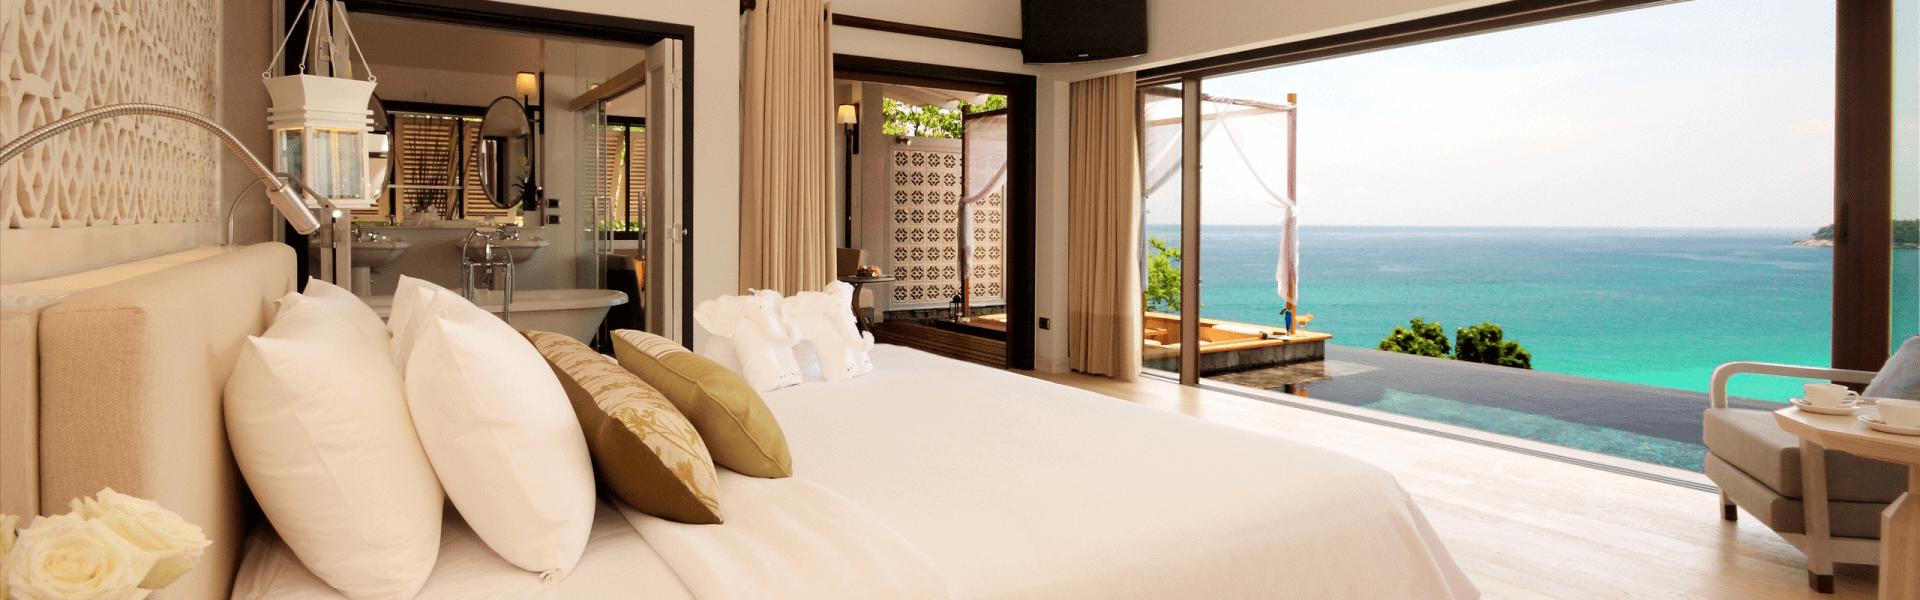 Hotel Reservation System | Online Hotel Reservation Software